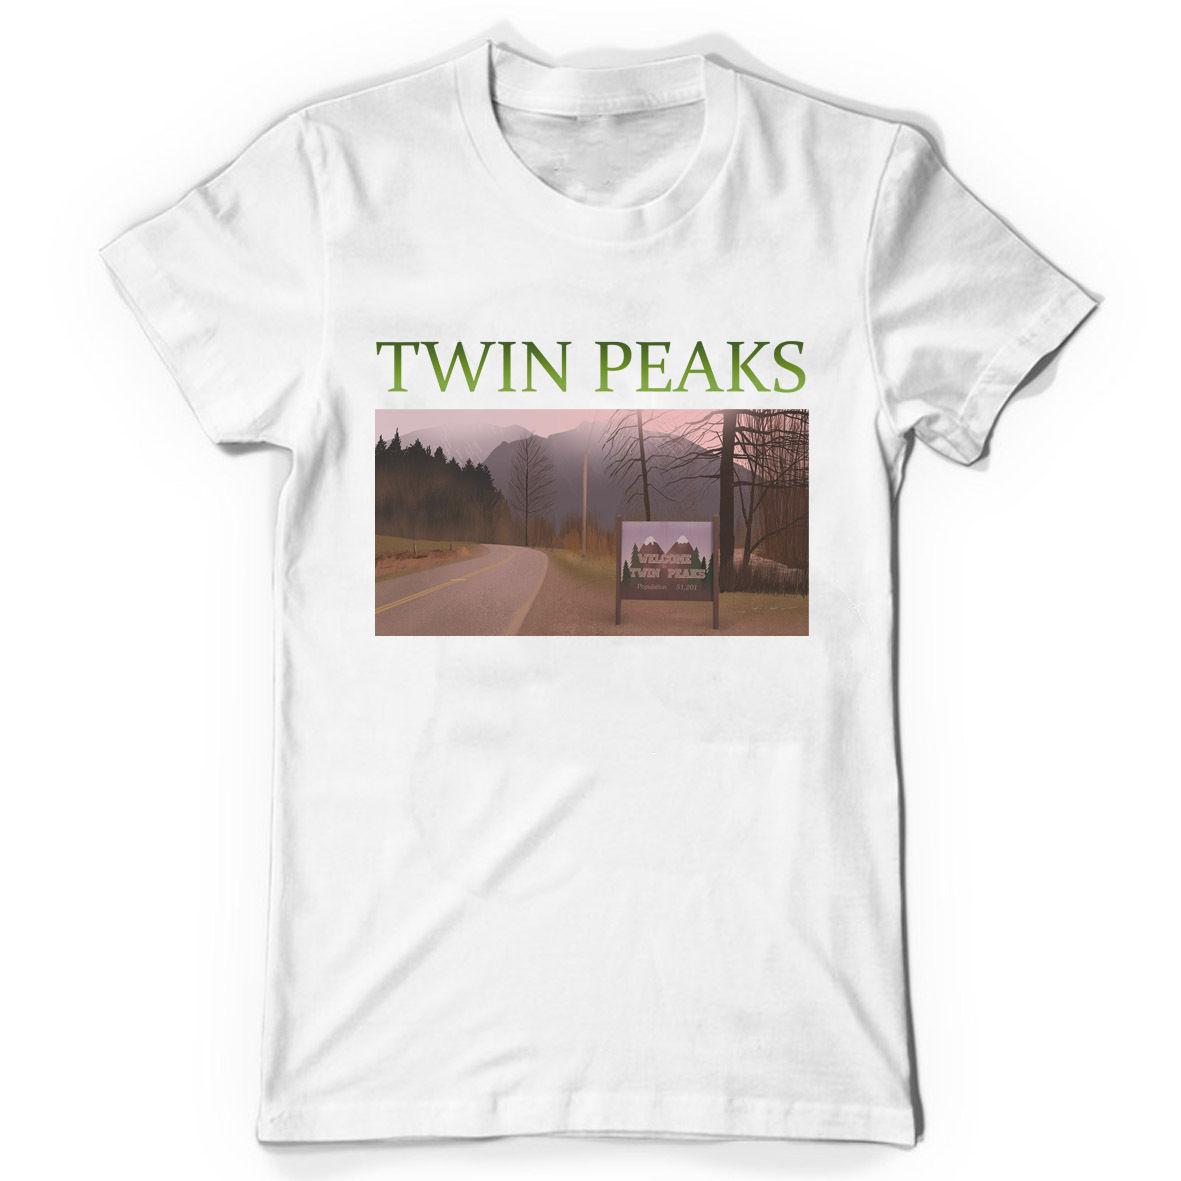 TWIN PEAKS T SHIRT